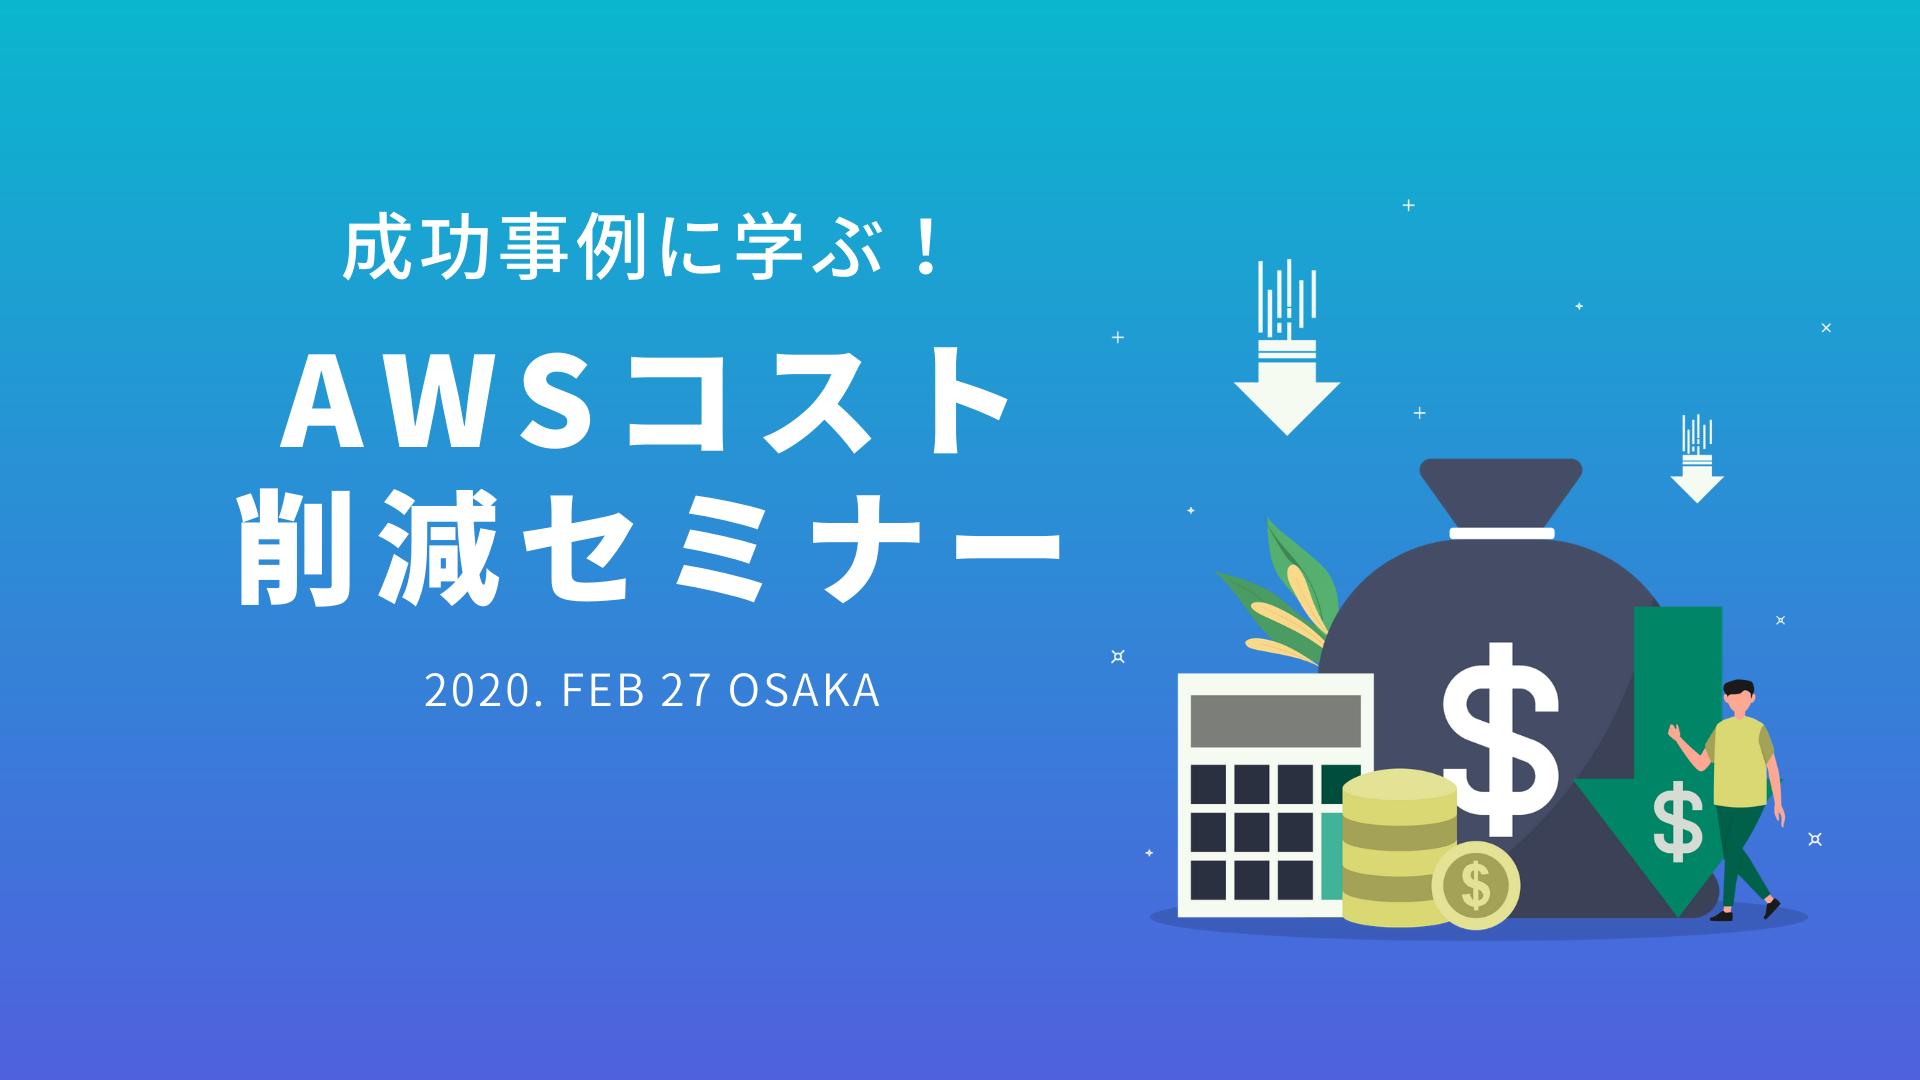 【2月27日大阪】「成功事例から学ぶ!AWSコスト削減セミナー」を開催いたします